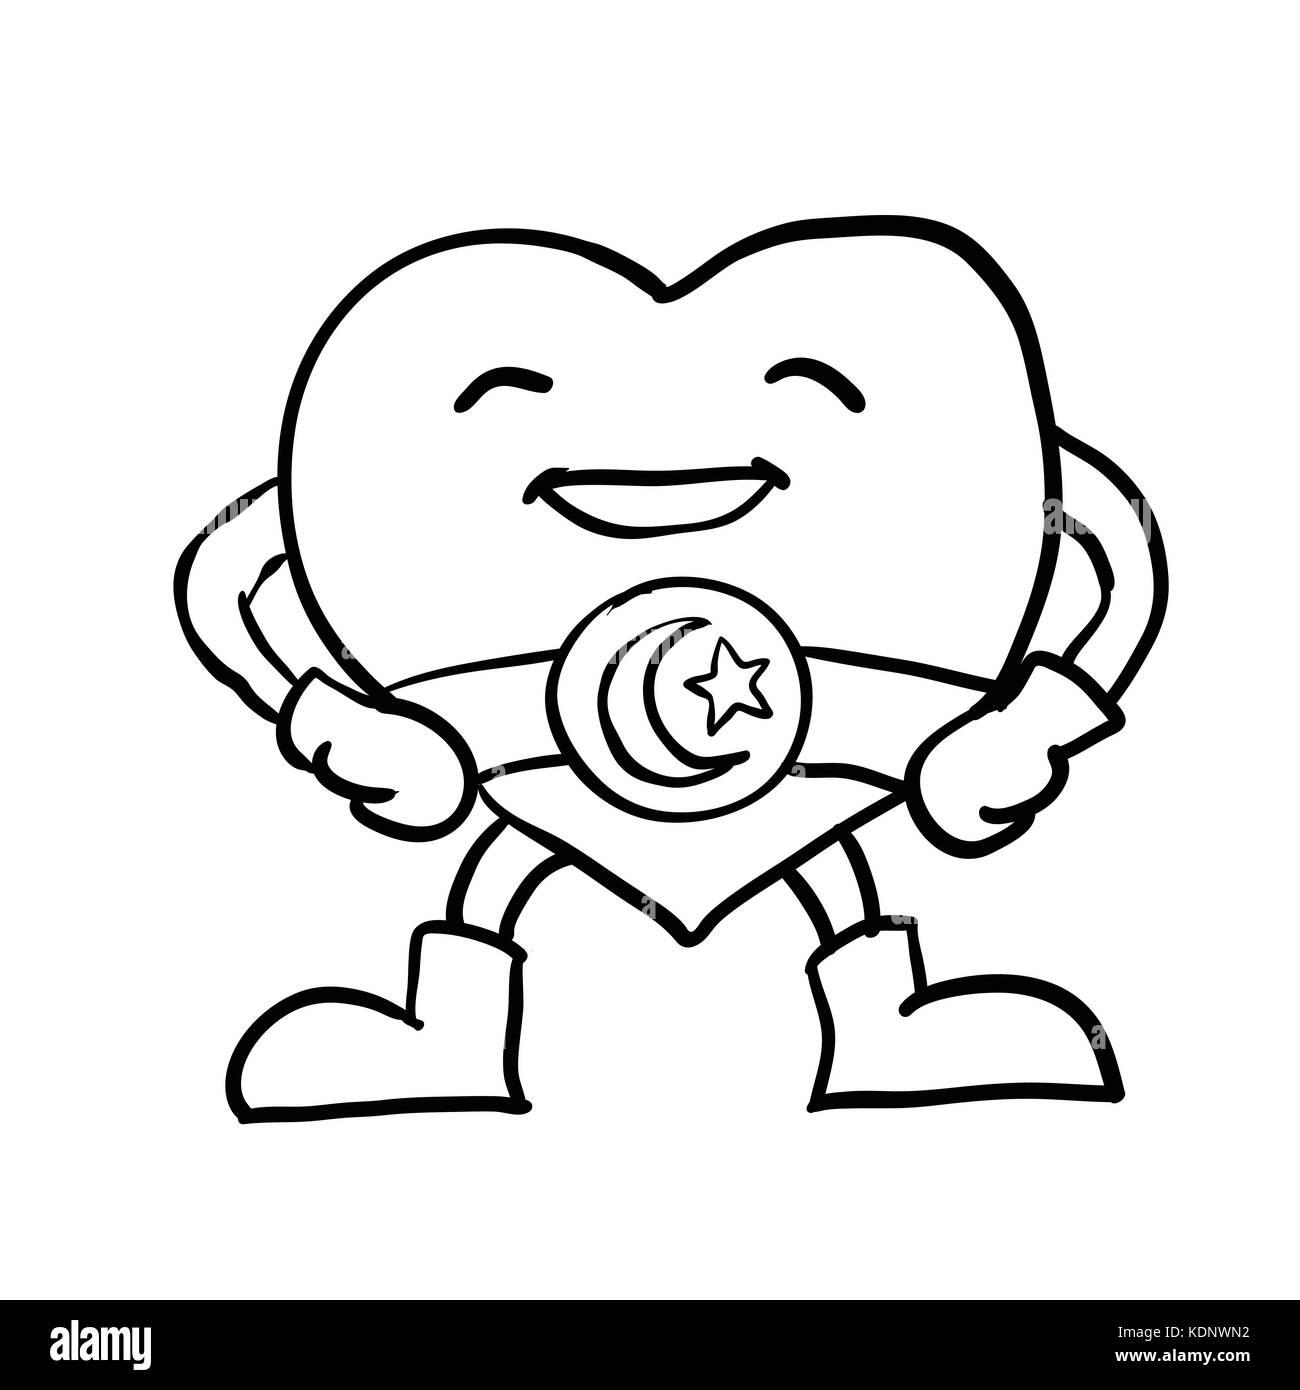 Hand Zeichnung von Cartoon lächelndes Herz mit Halbmond Stern auf ...